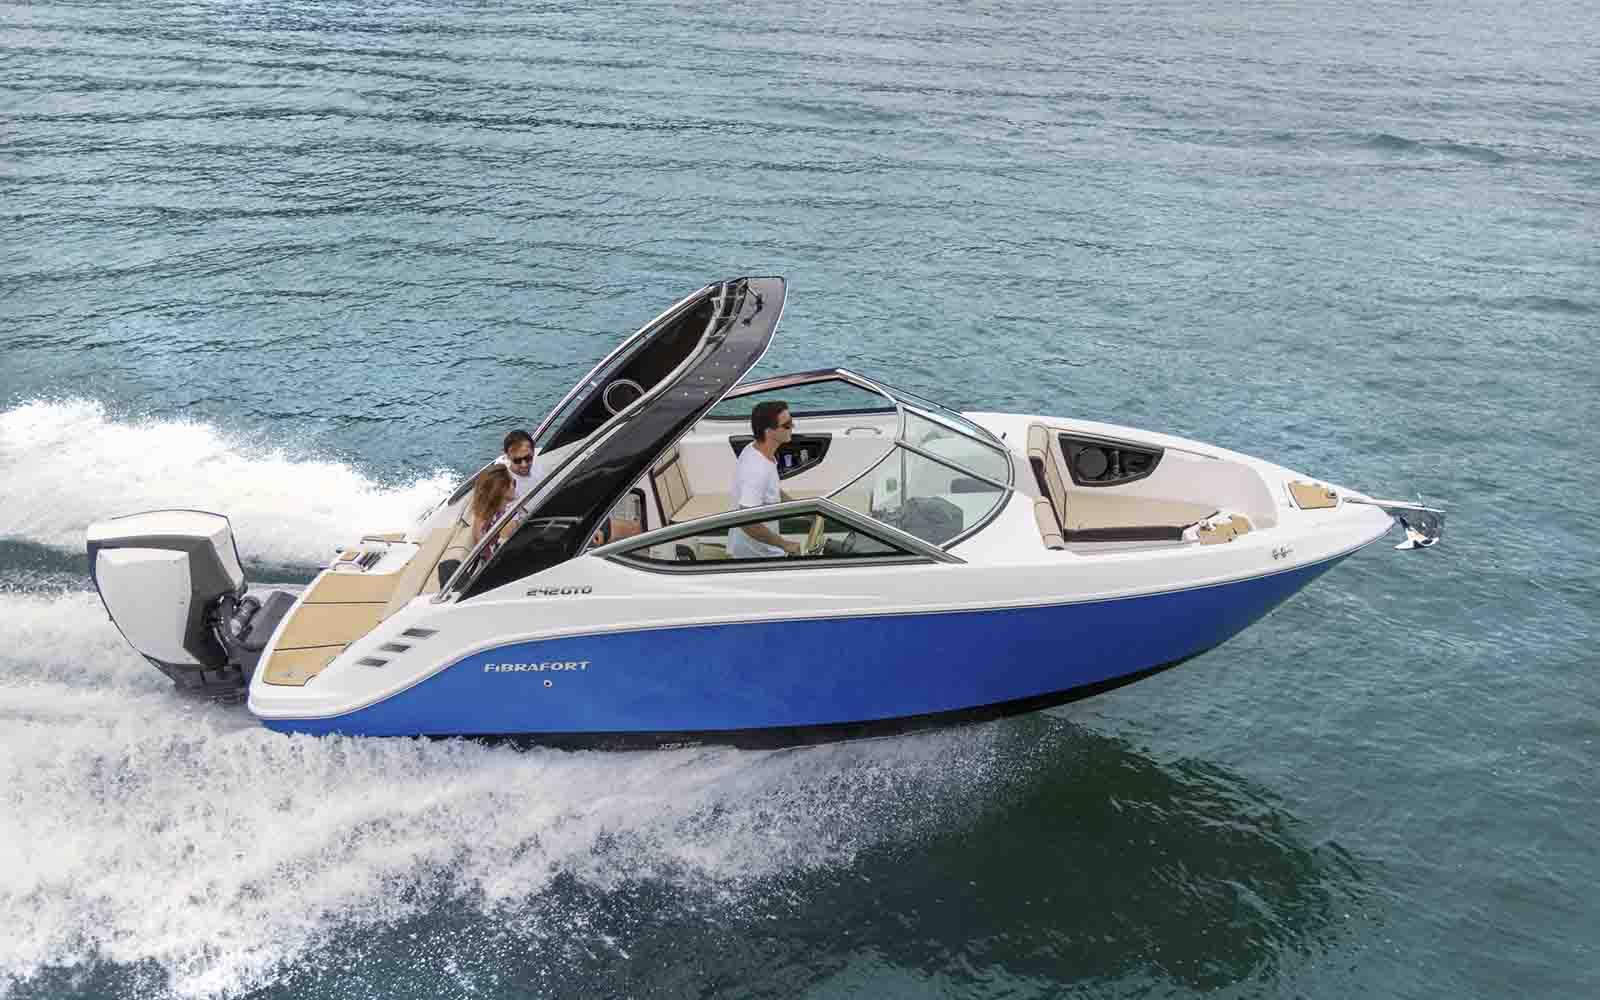 focker 242 outboard motor de popa - boat shopping